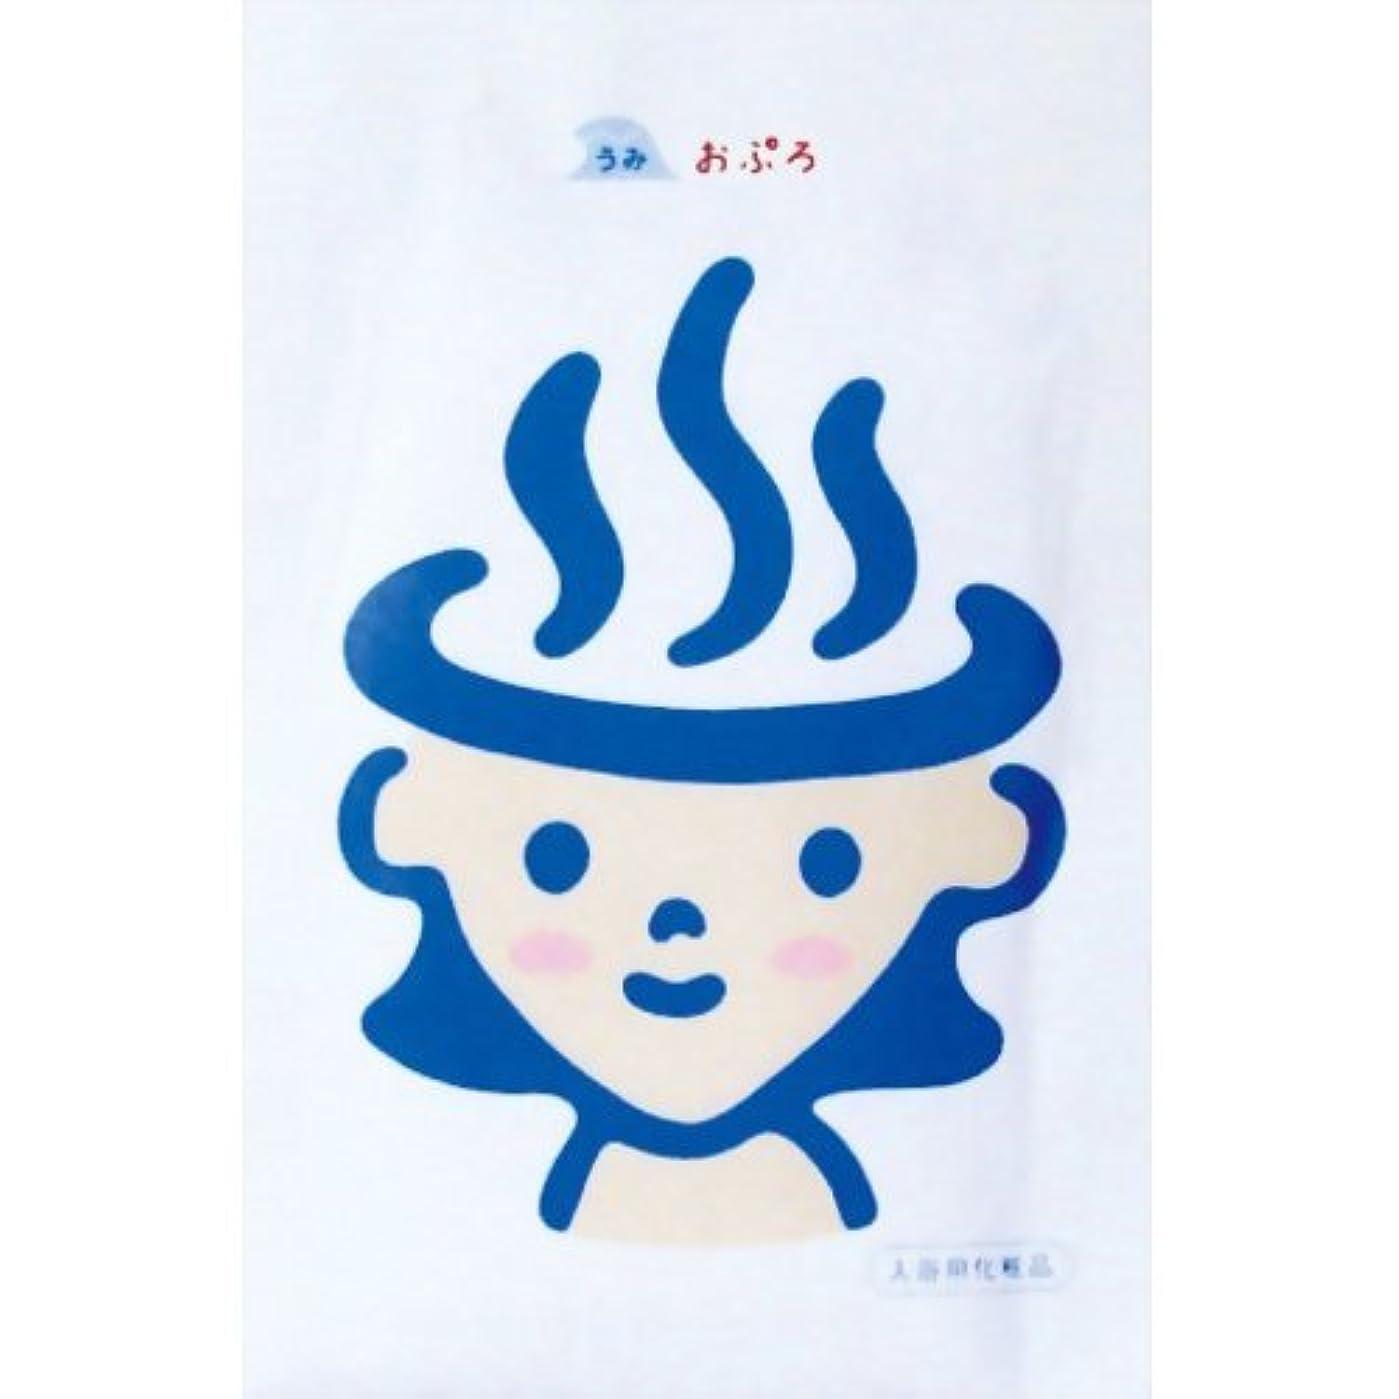 膜保有者デンプシー早川バルブ製作所 おぷろ うみ 25G